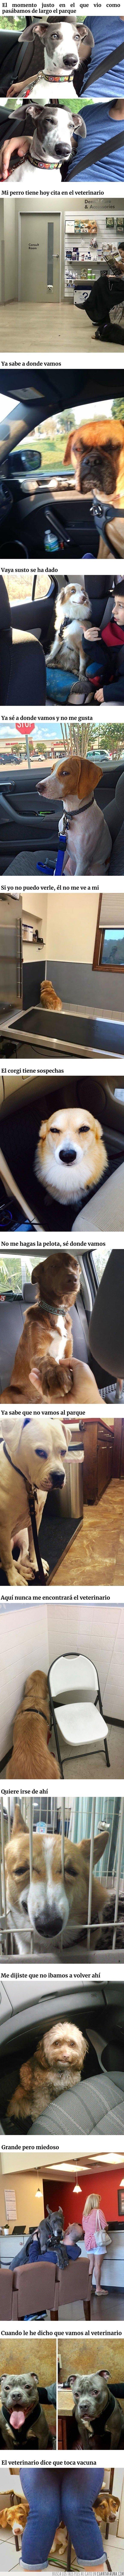 perros,reacciones,veterinario